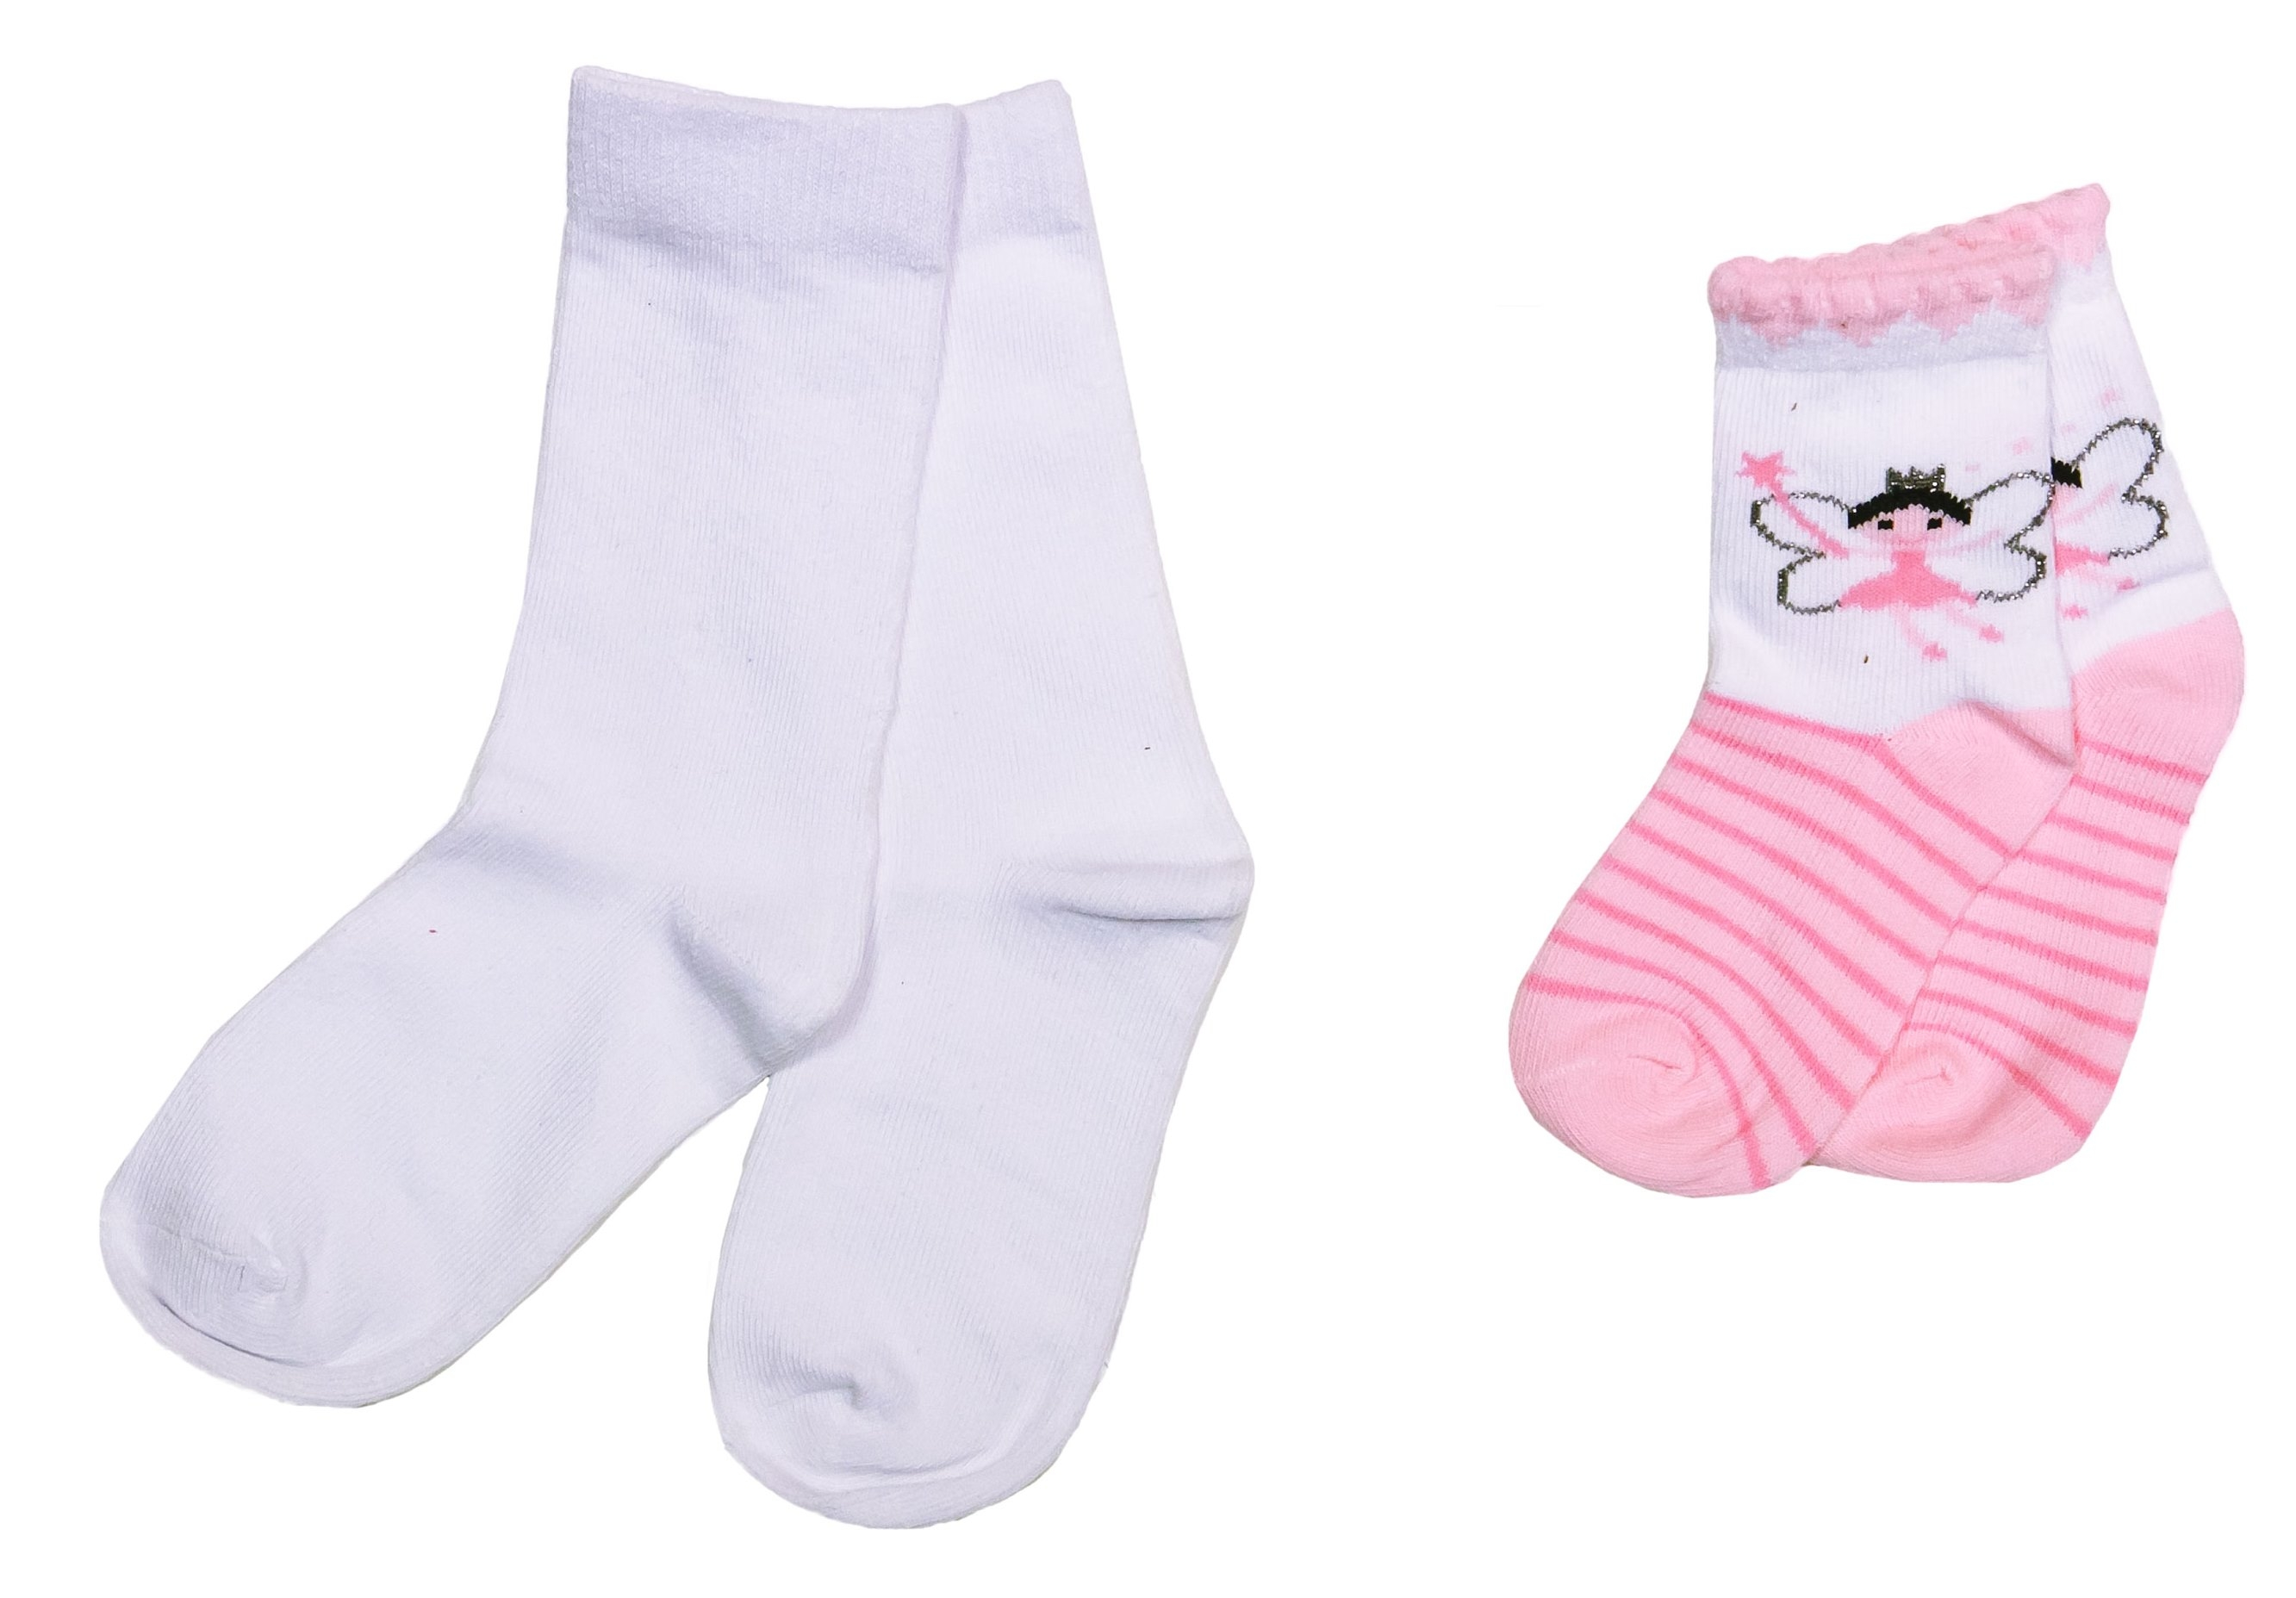 Купить Носки для девочки Barkito, розовые с рисунком, Китай, розовый с рисунком, Женский